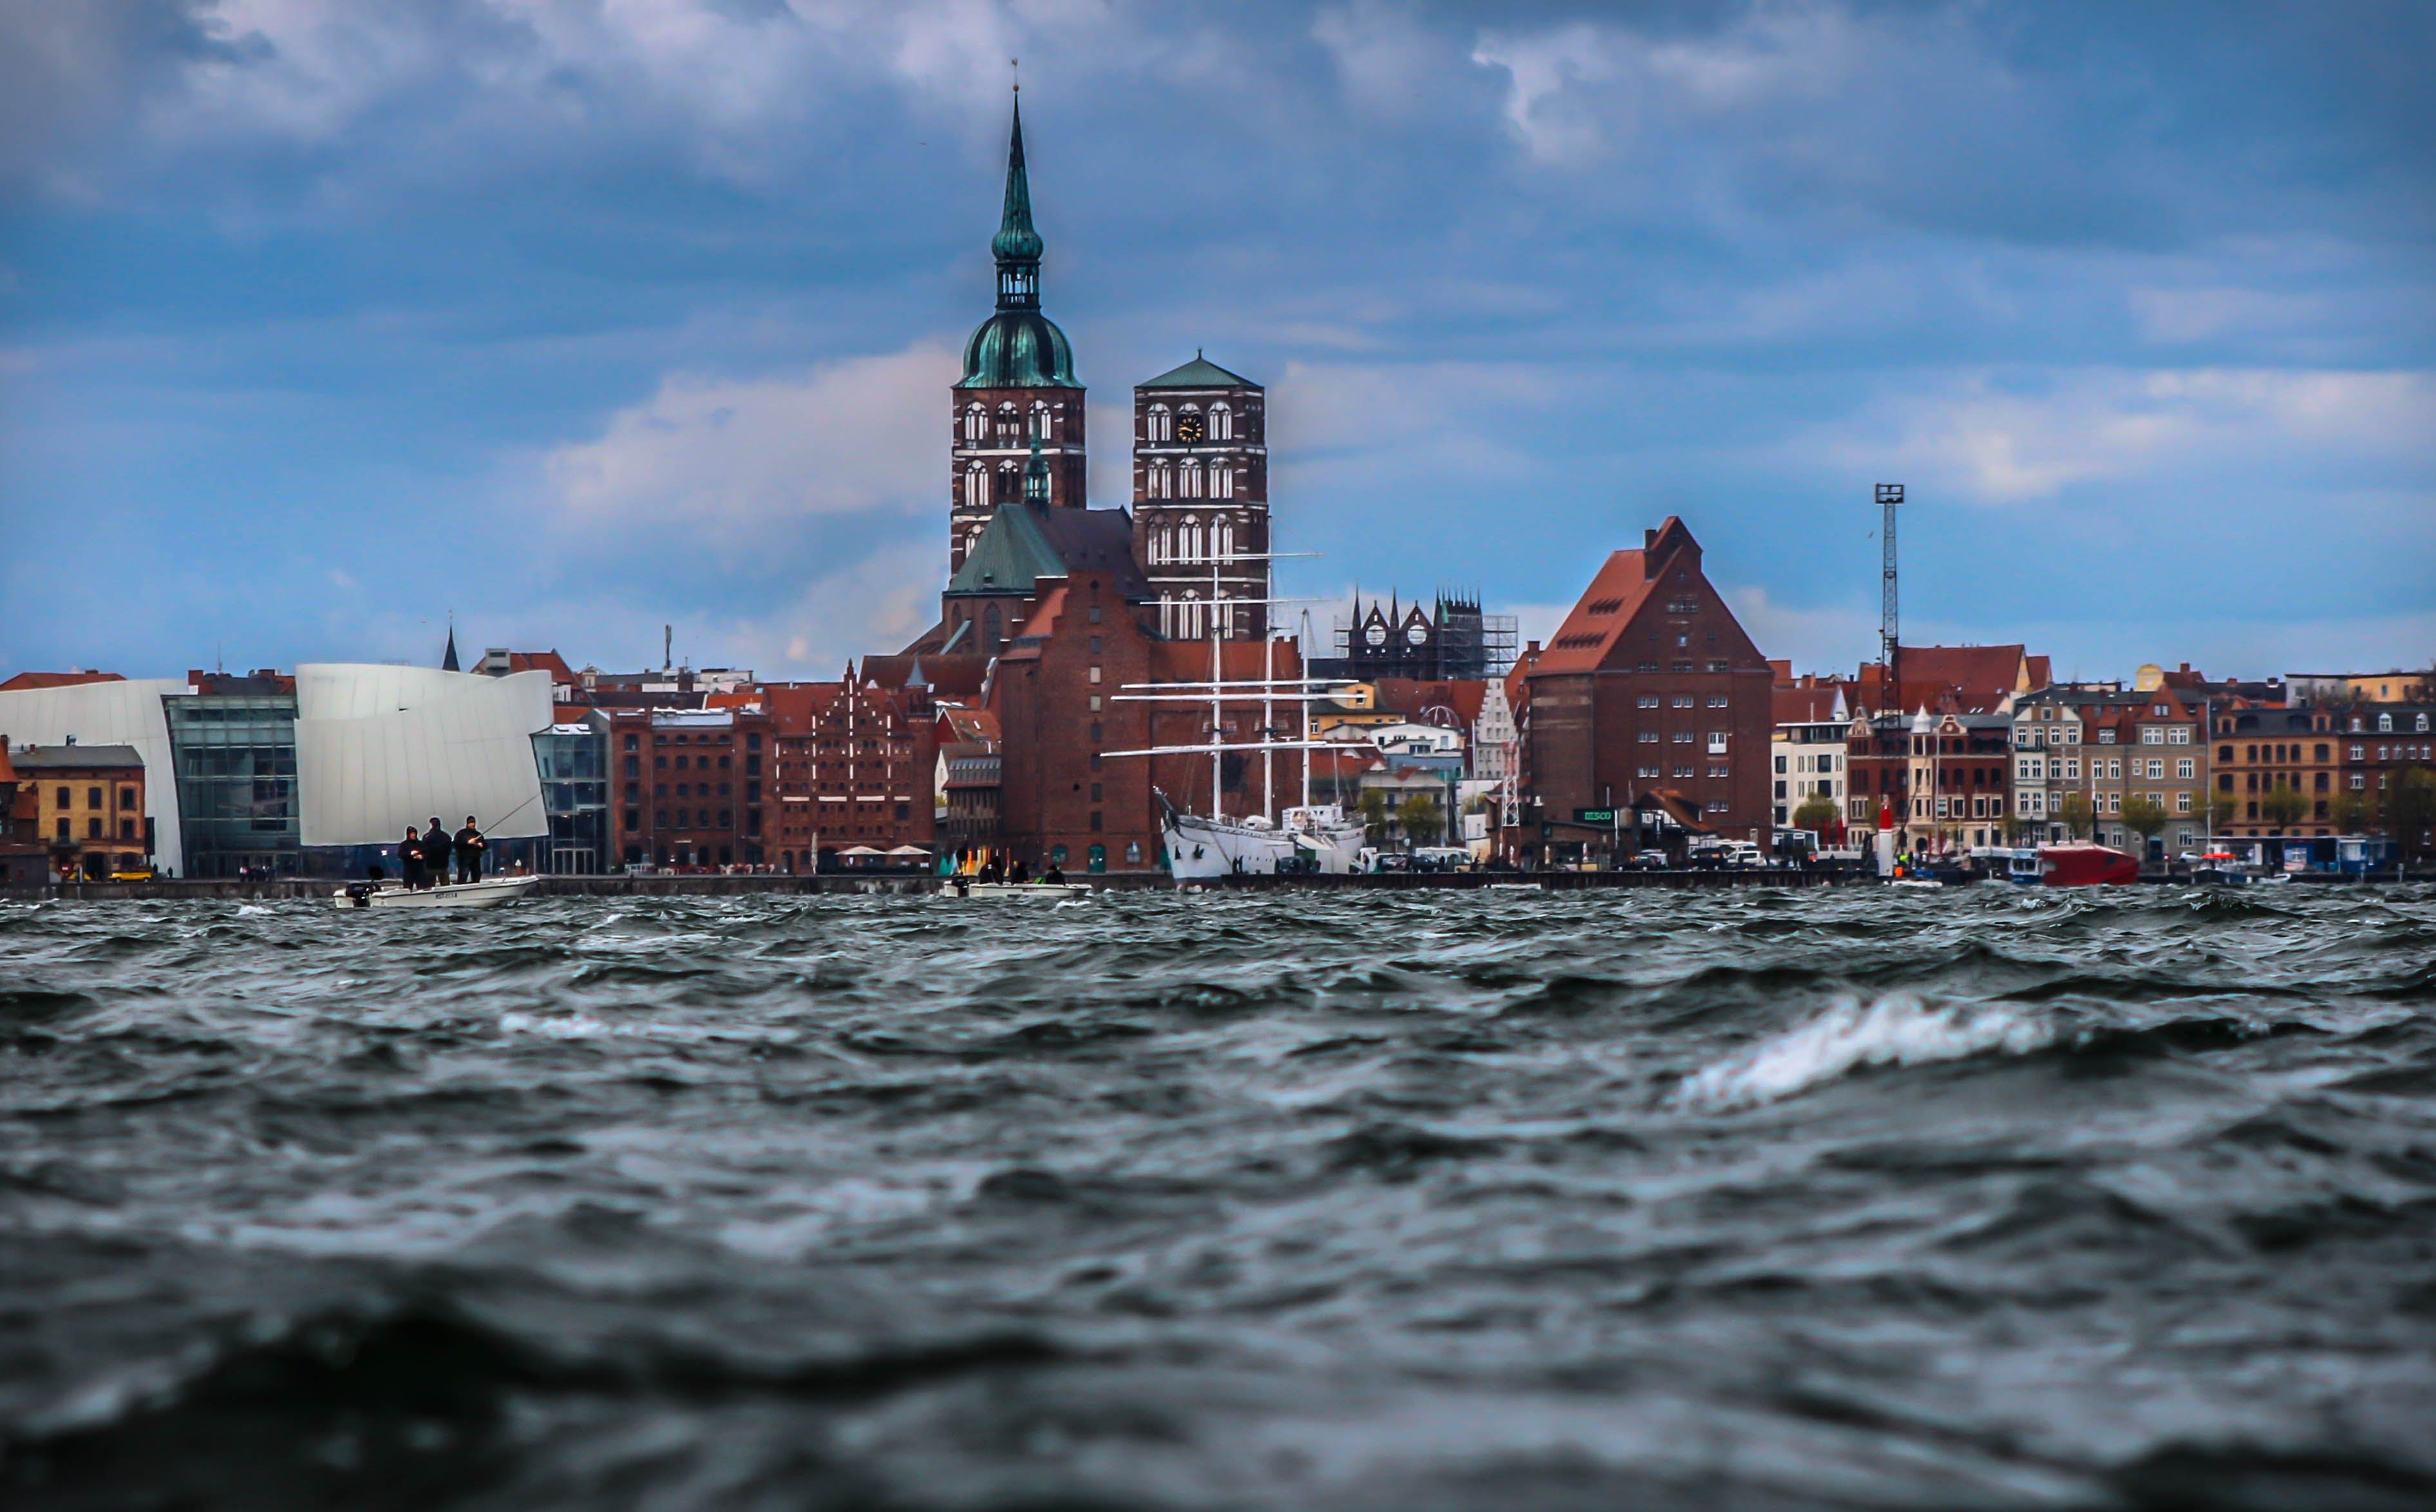 Δωρεάν στοκ φωτογραφιών με αρχιτεκτονική, αστικός, βάρκες, γνέφω